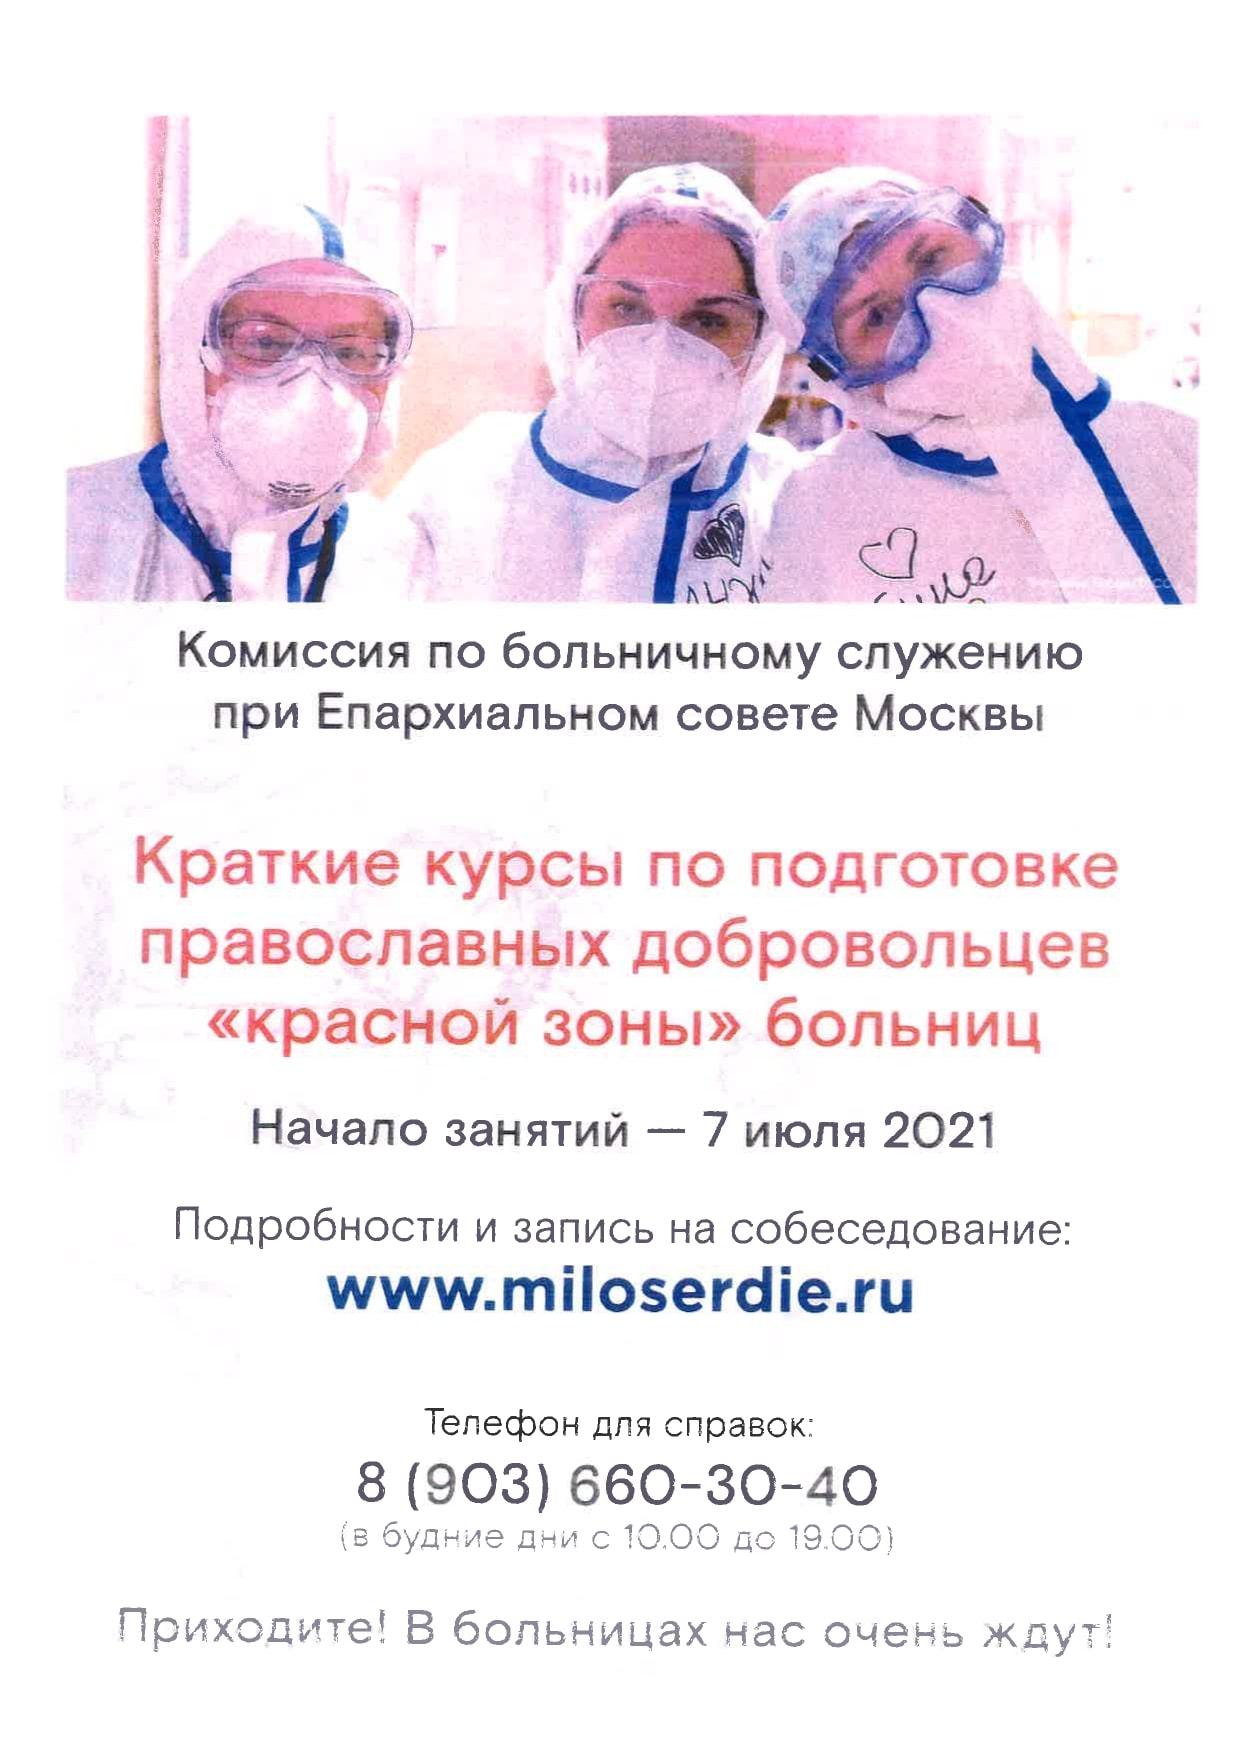 вх-01_161_СОММ_384_О проведении курсов по подготовке добровольцев красной зоны больниц_page-0002-min